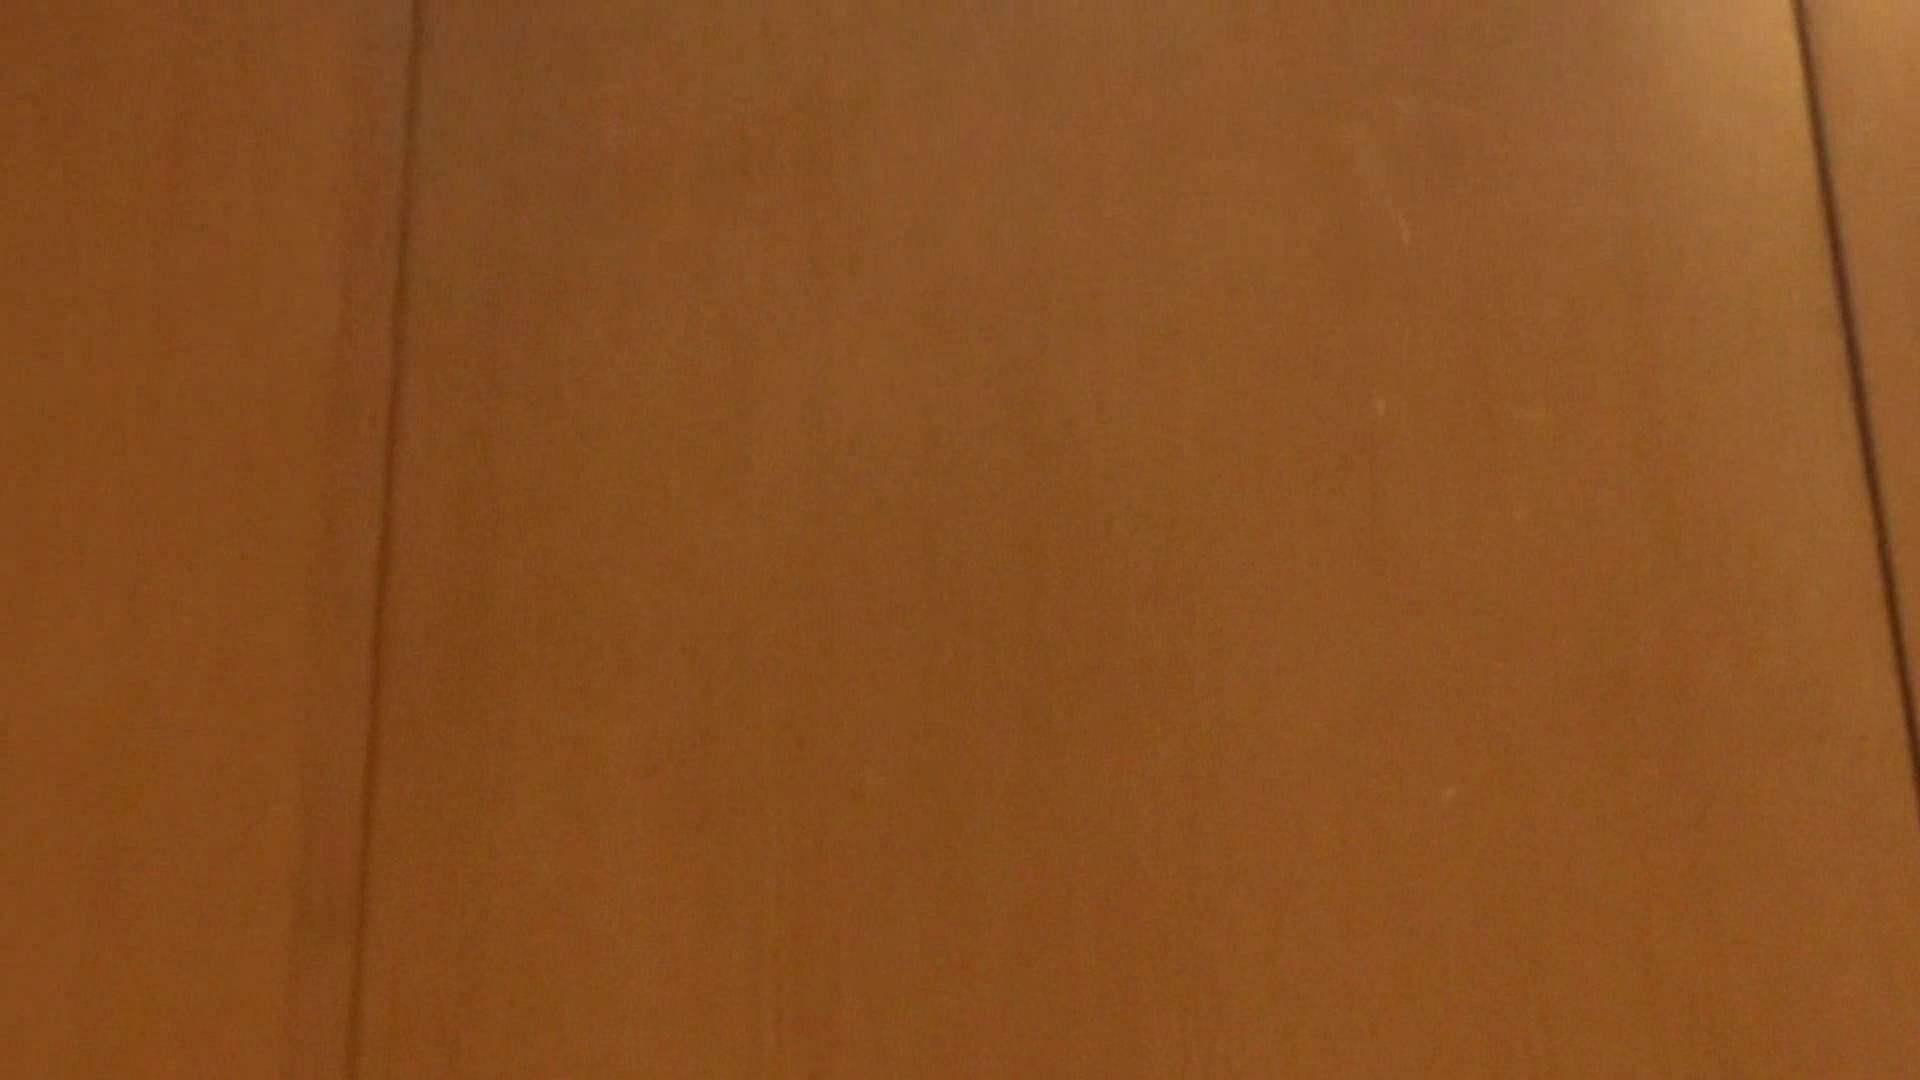 「噂」の国の厠観察日記2 Vol.01 人気シリーズ  109pic 84